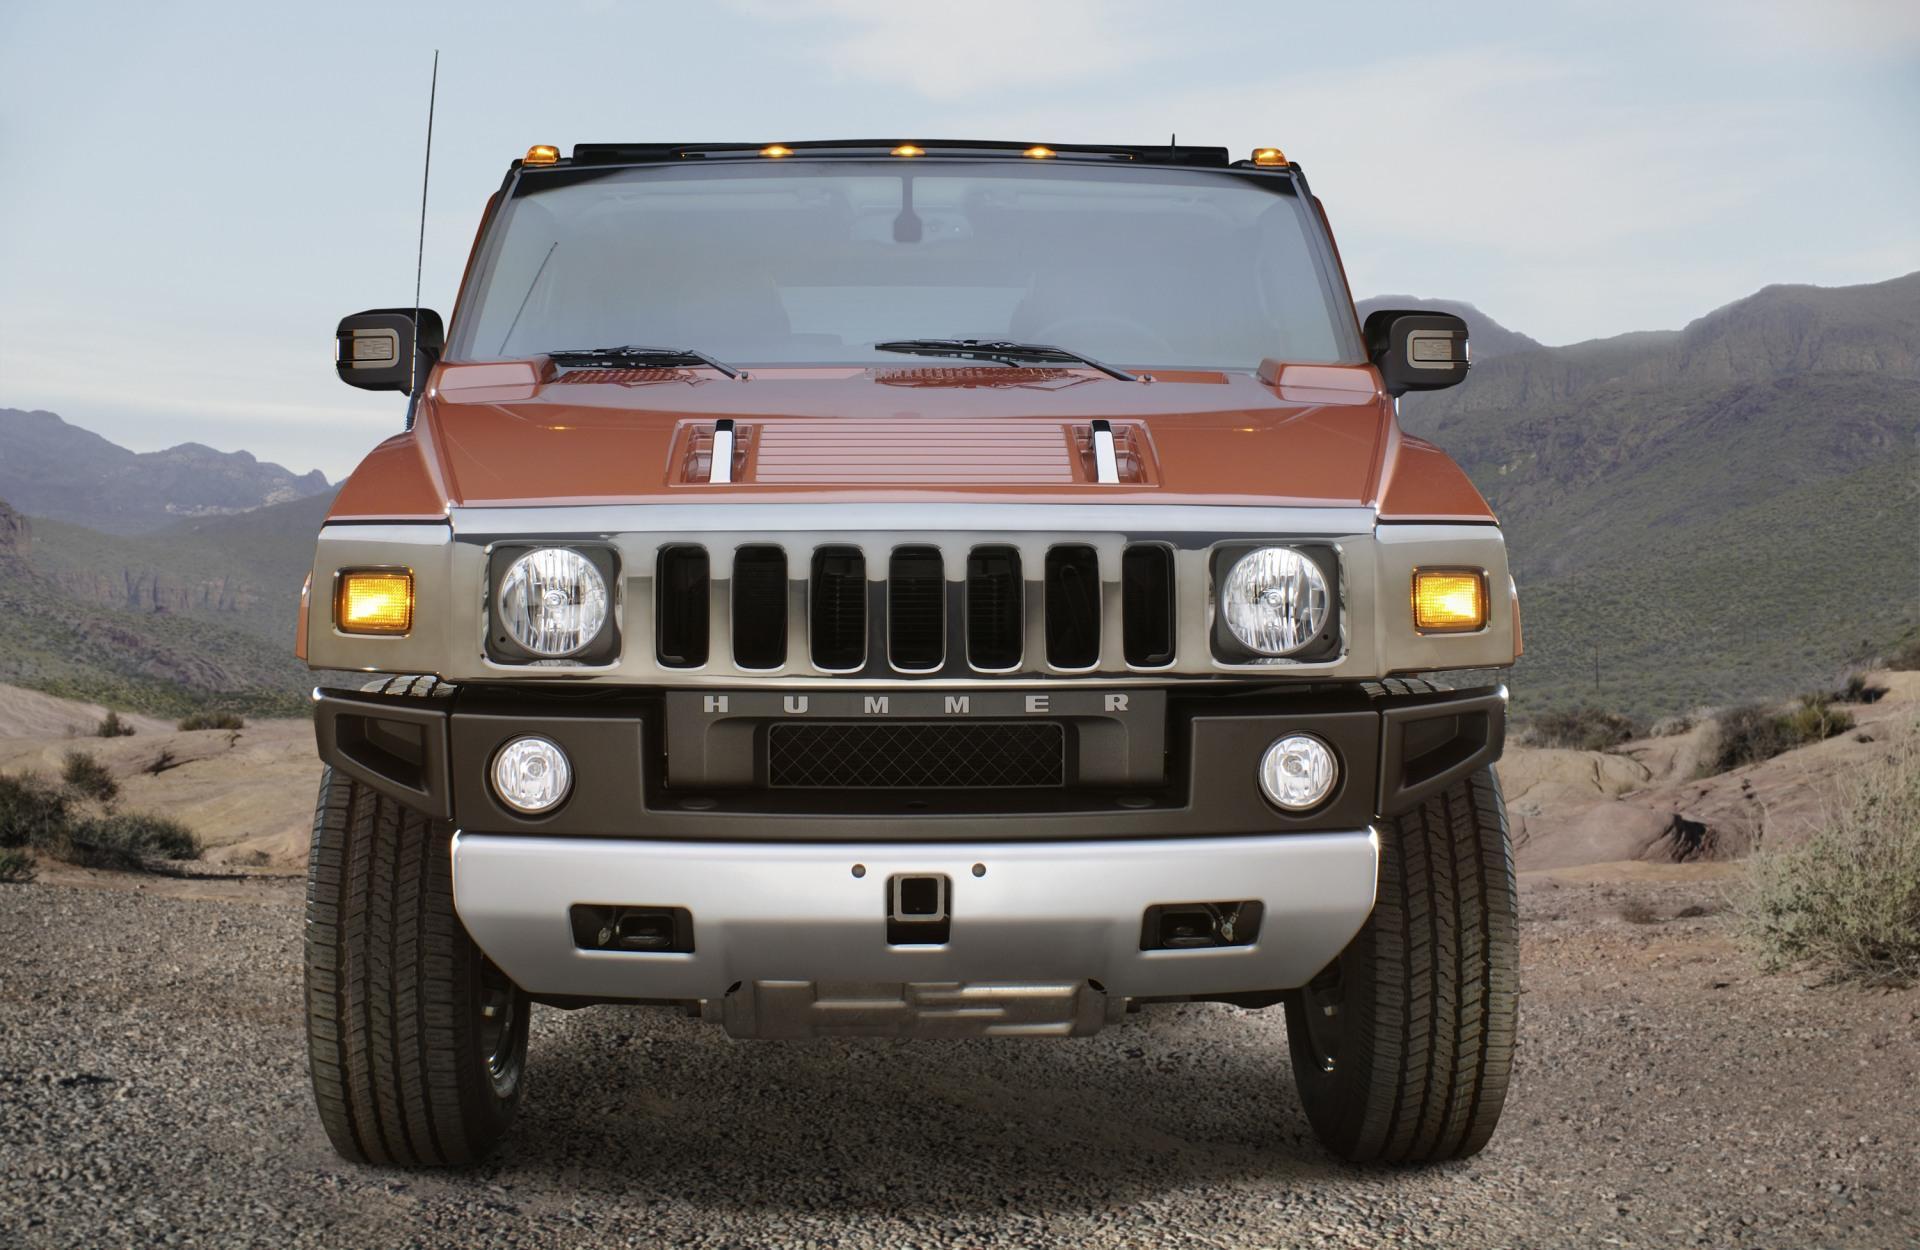 2010 Hummer H2  conceptcarzcom